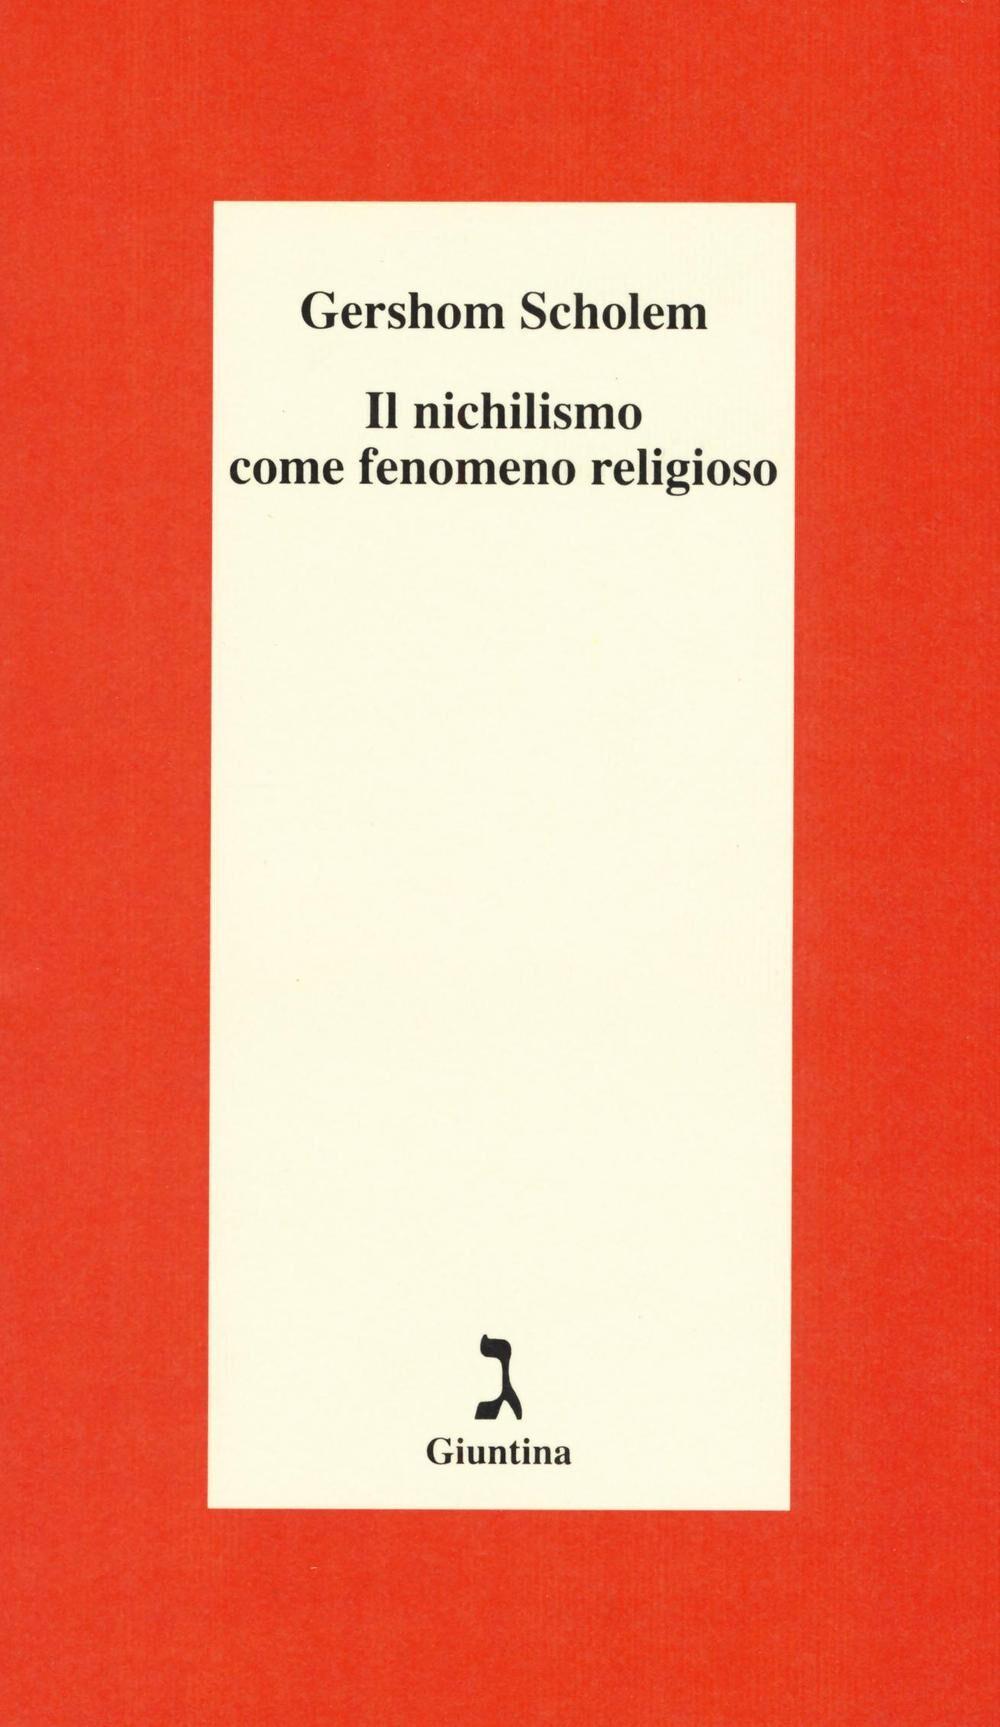 Il nichilismo come fenomeno religioso